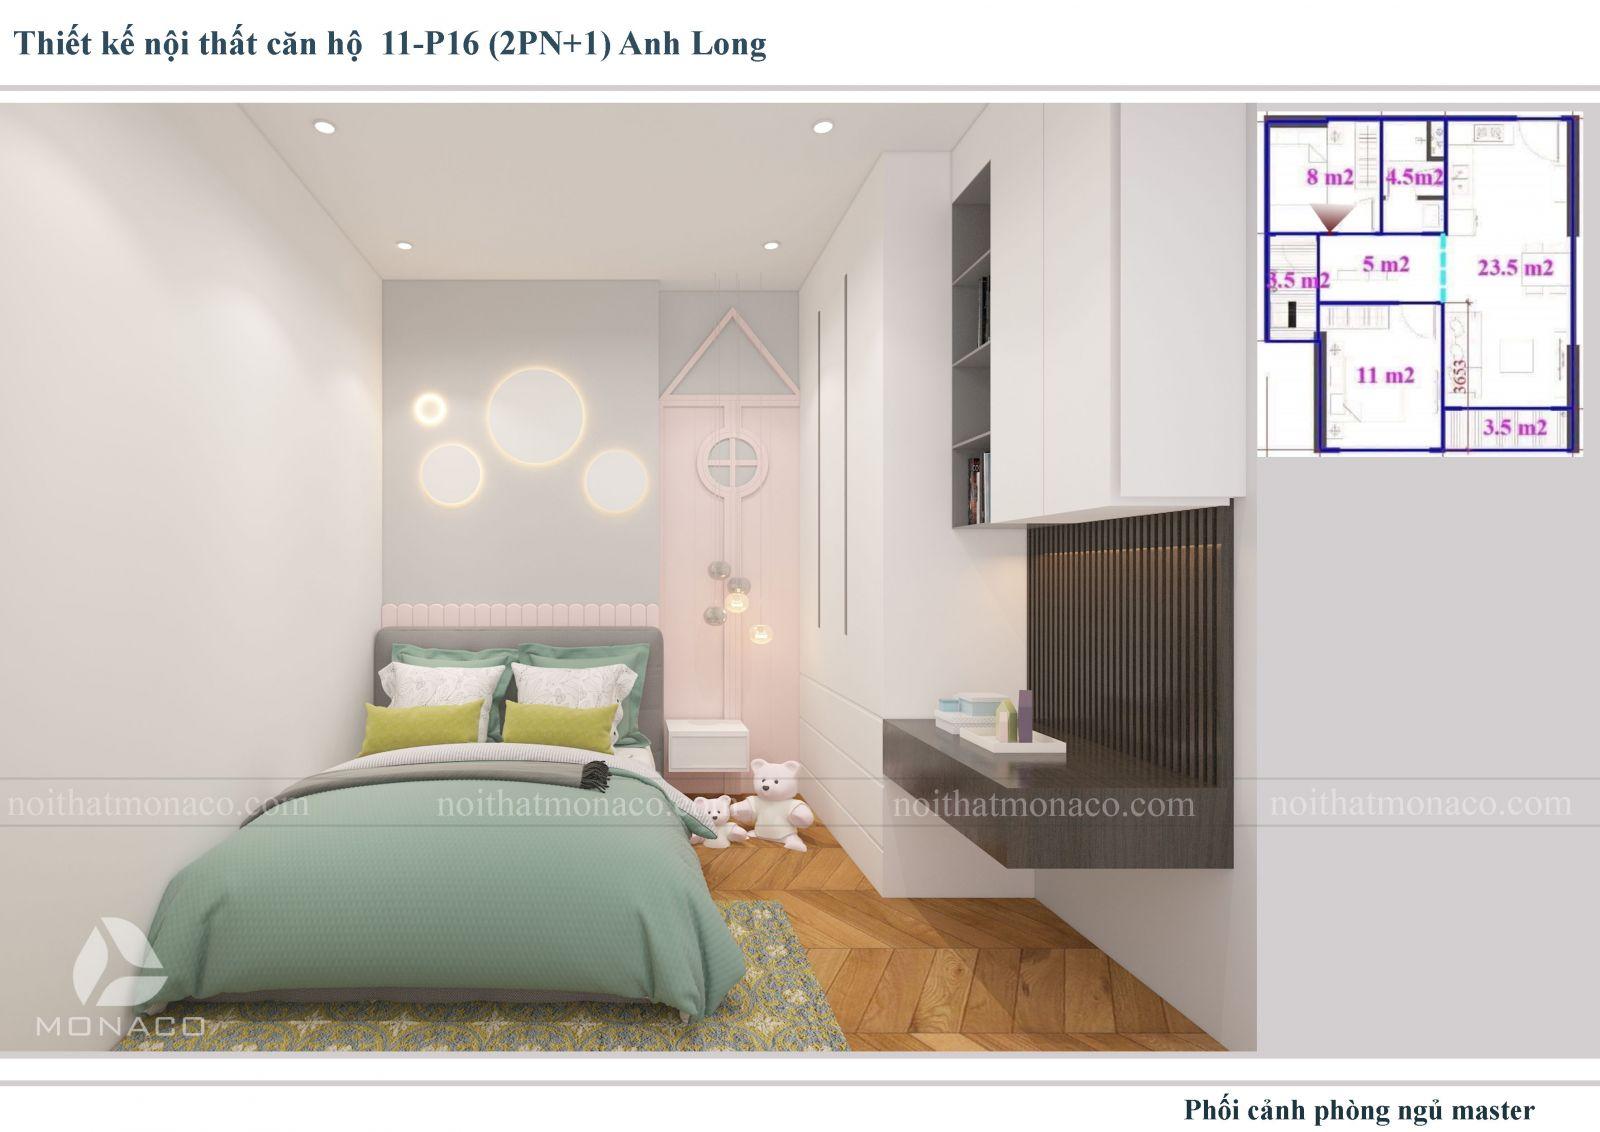 Thiết kế nôi thất phòng ngủ cho bé chung cư Vinhomes Ocean Park